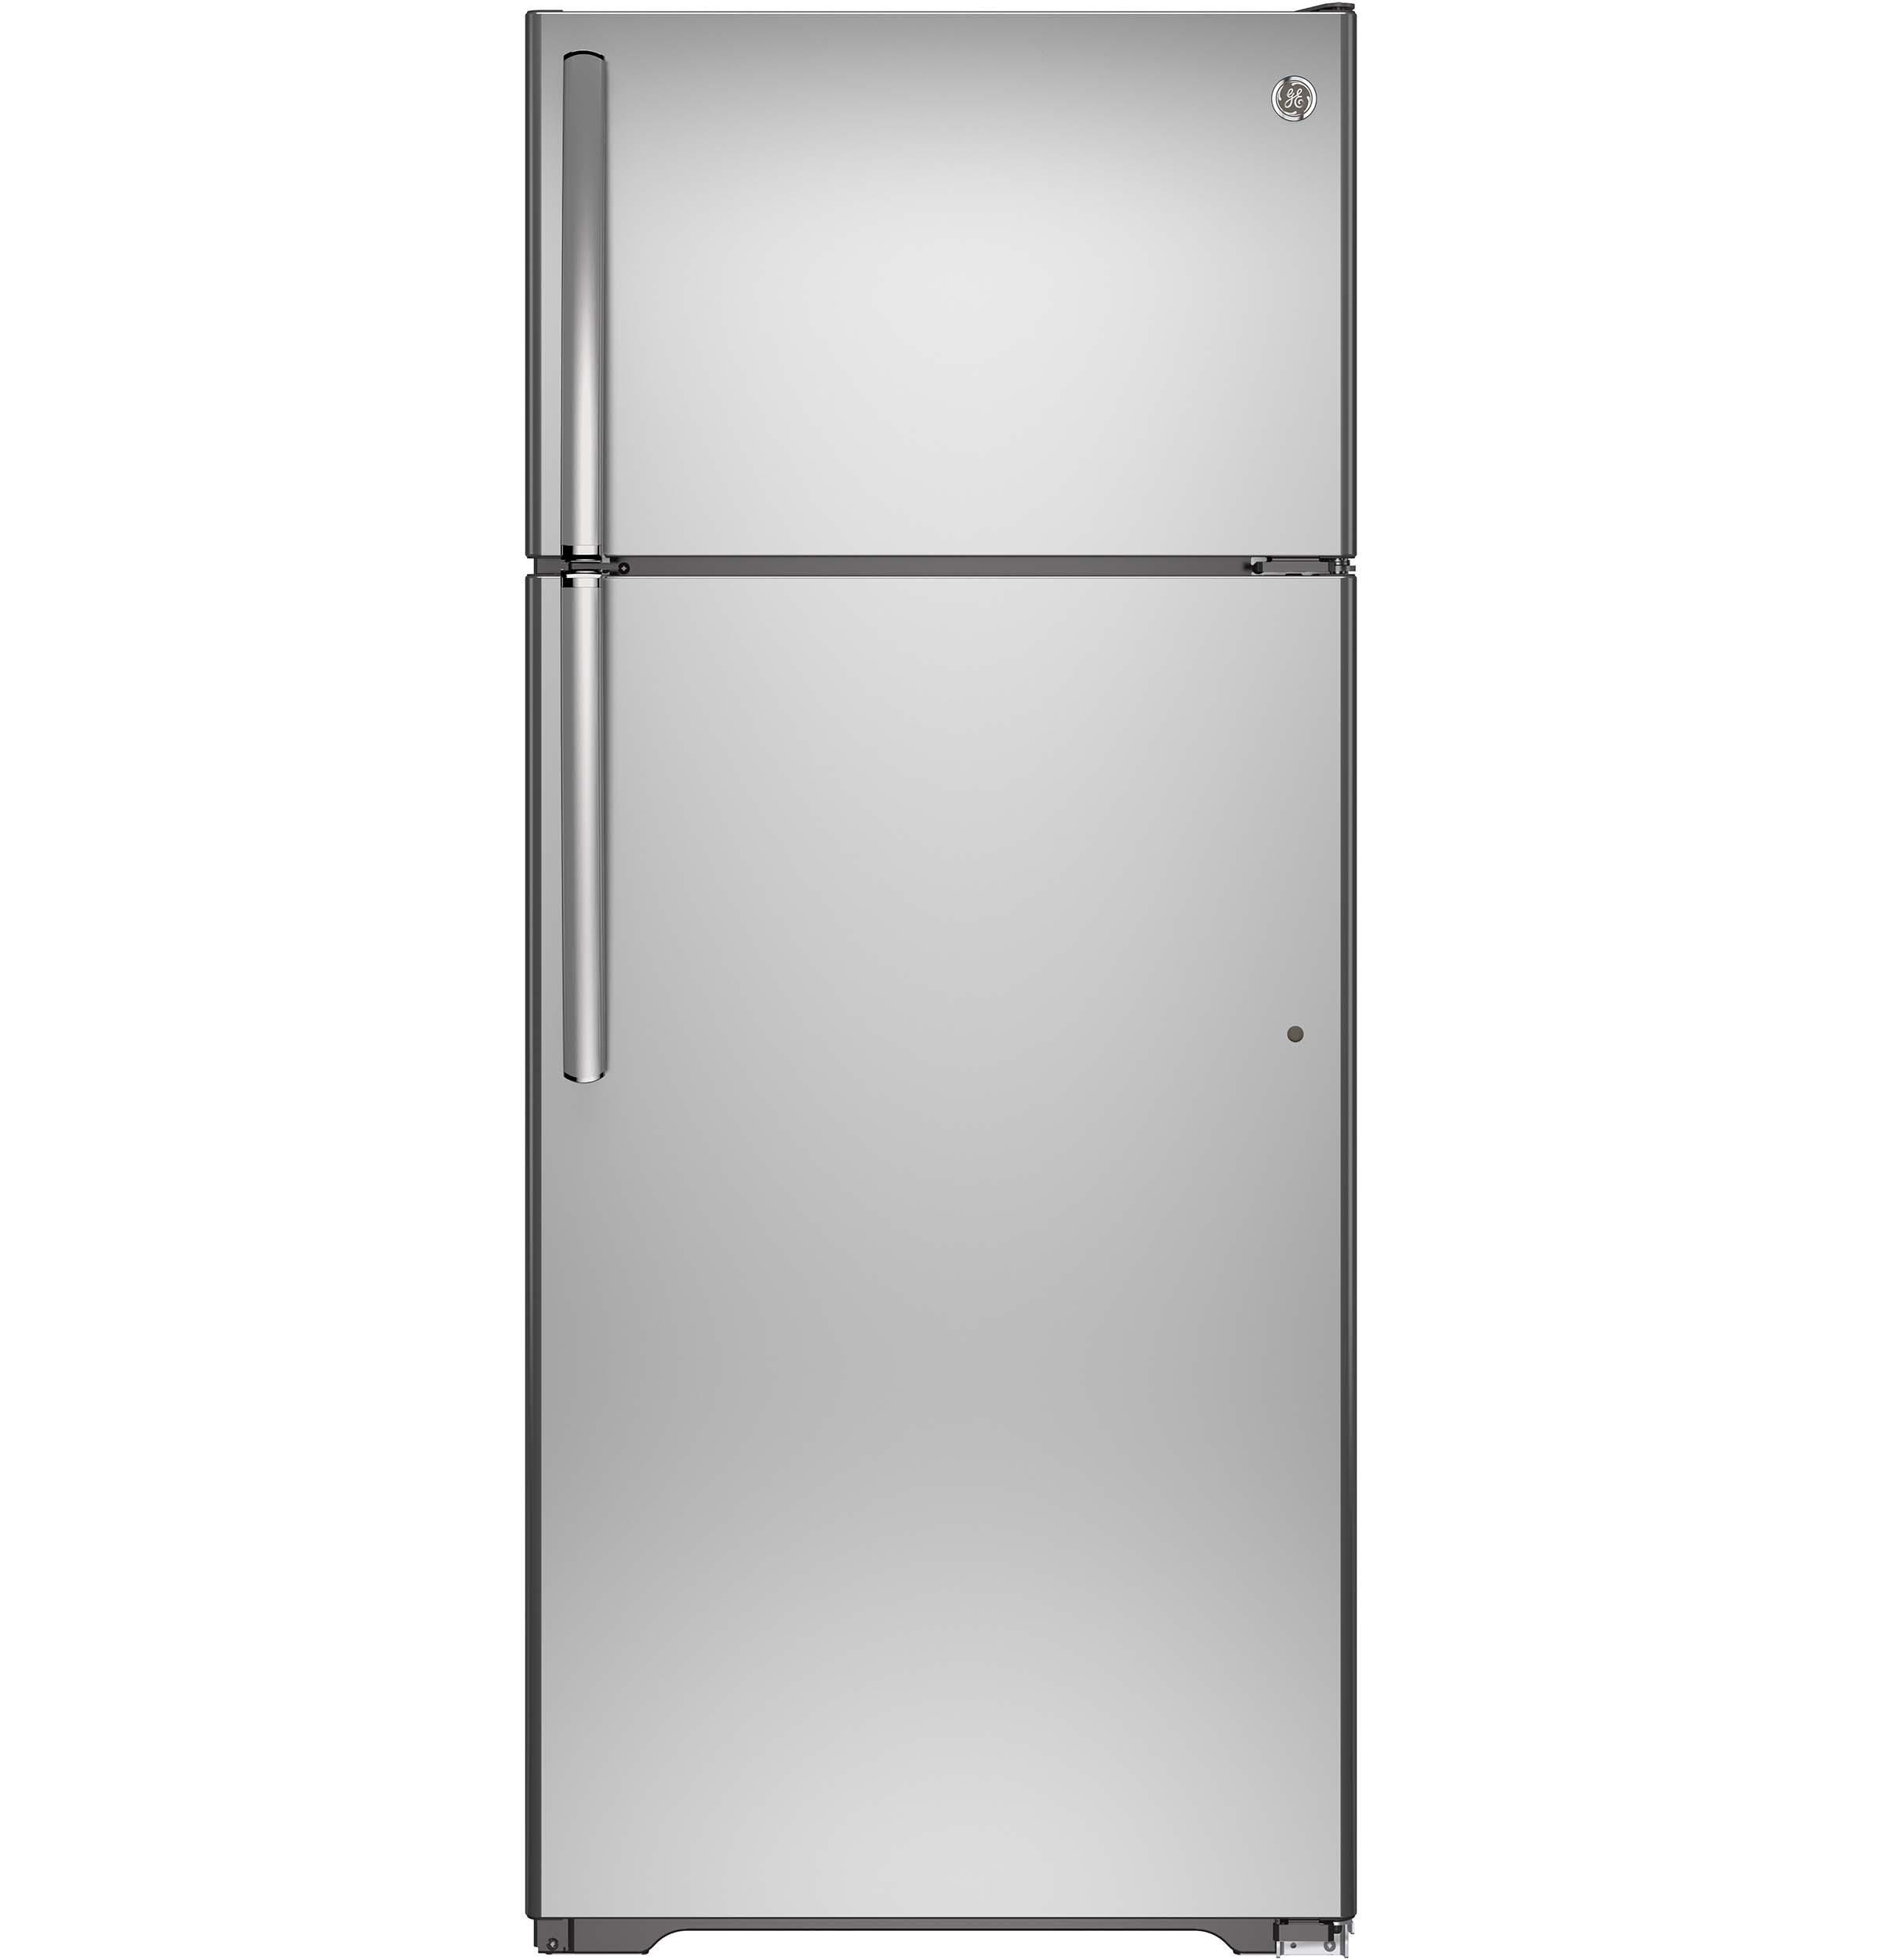 New Ge Under Cabinet Refrigerator